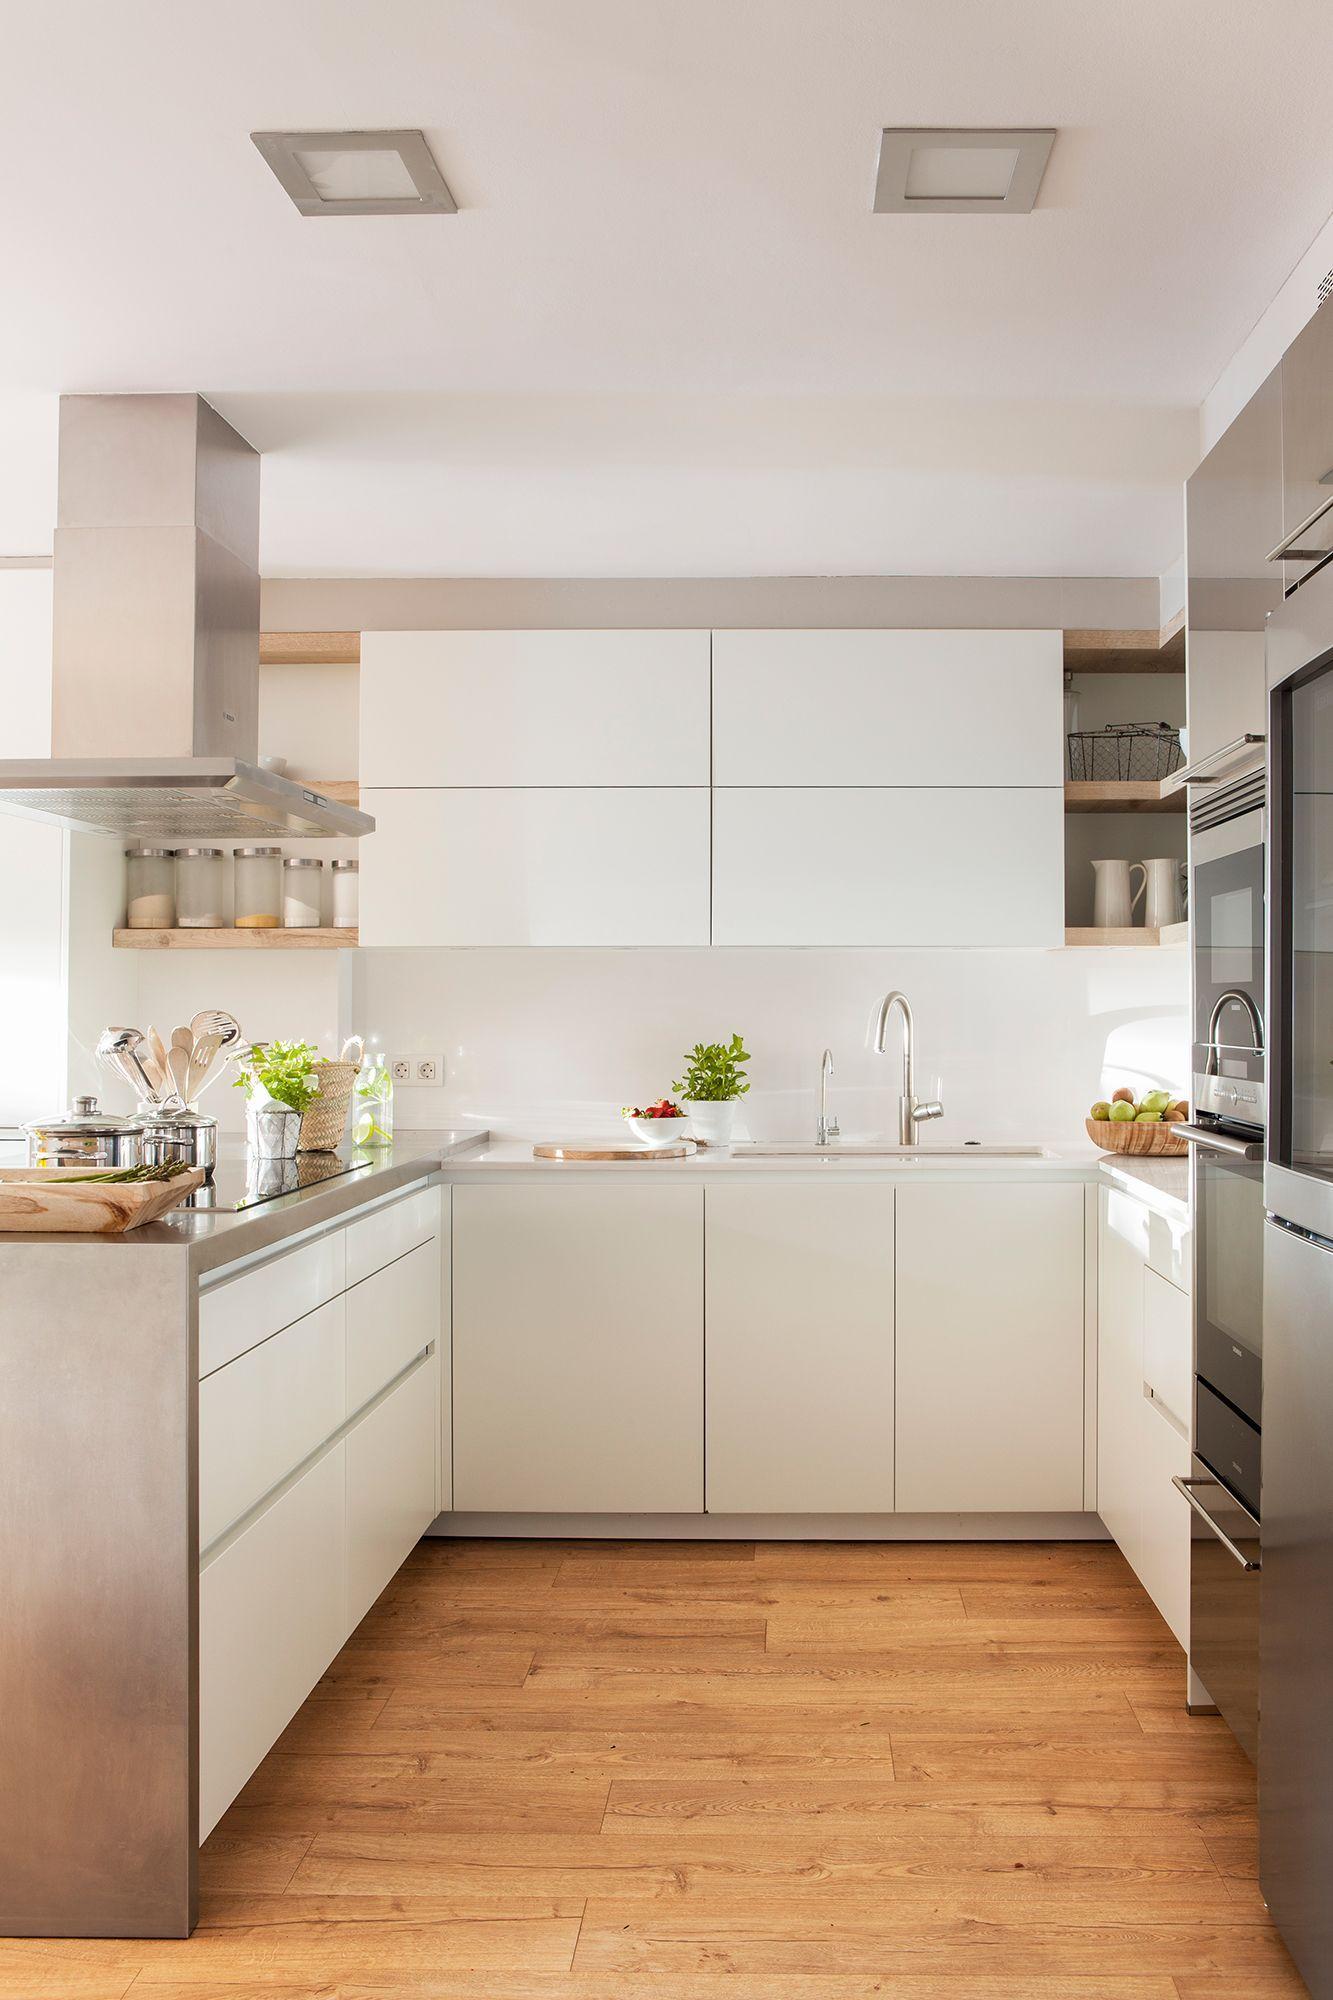 Cocina con muebles en blanco y suelo de madera_ 00429330 ...